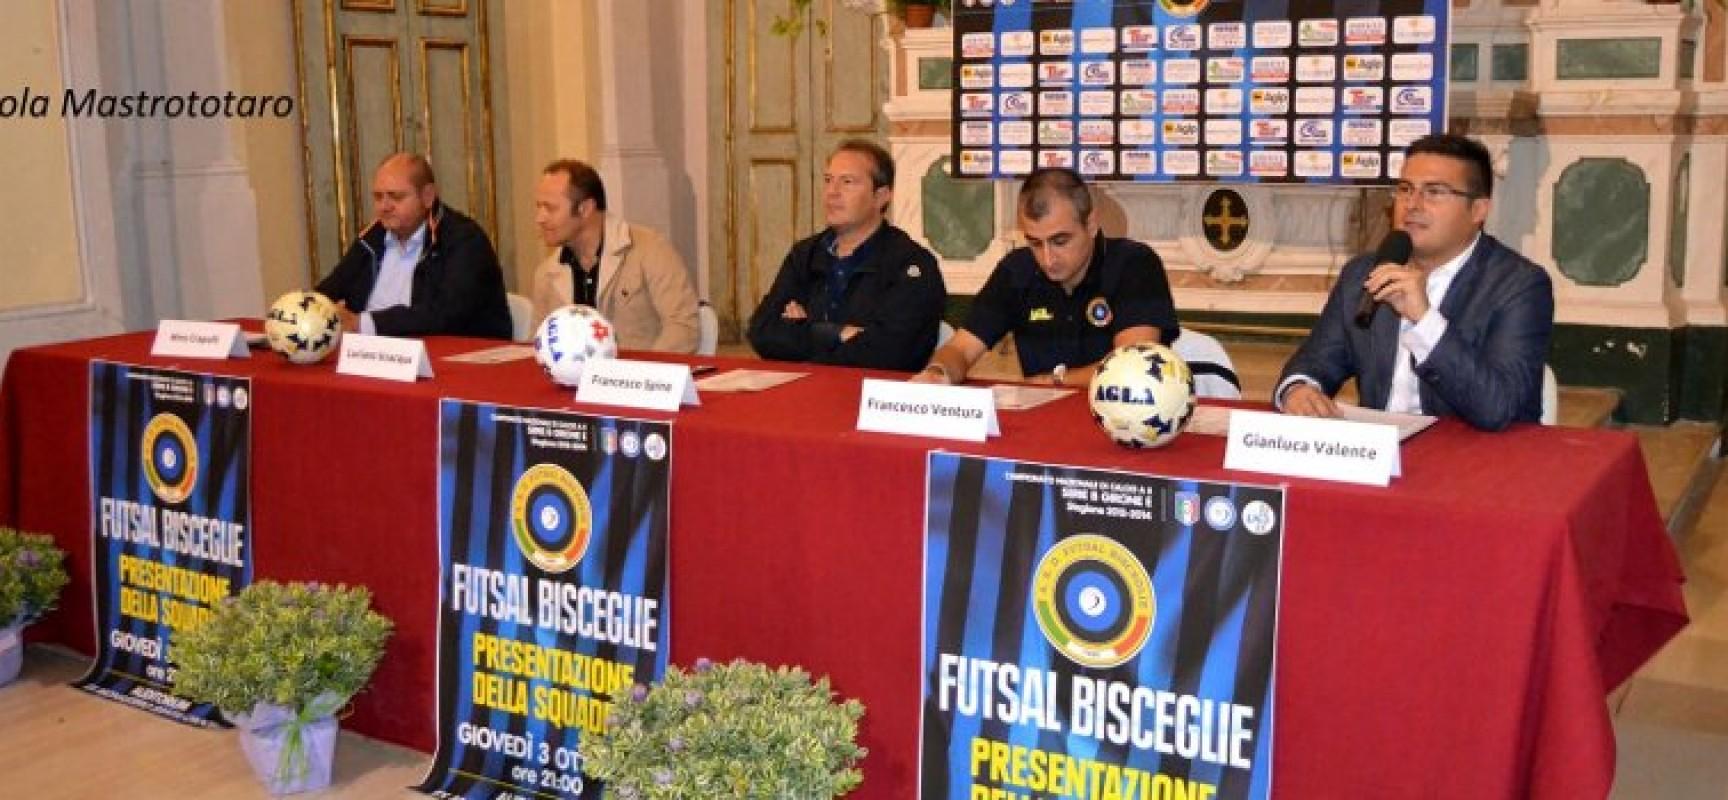 Giovedì 11 settembre il Futsal Bisceglie si presenta ufficialmente